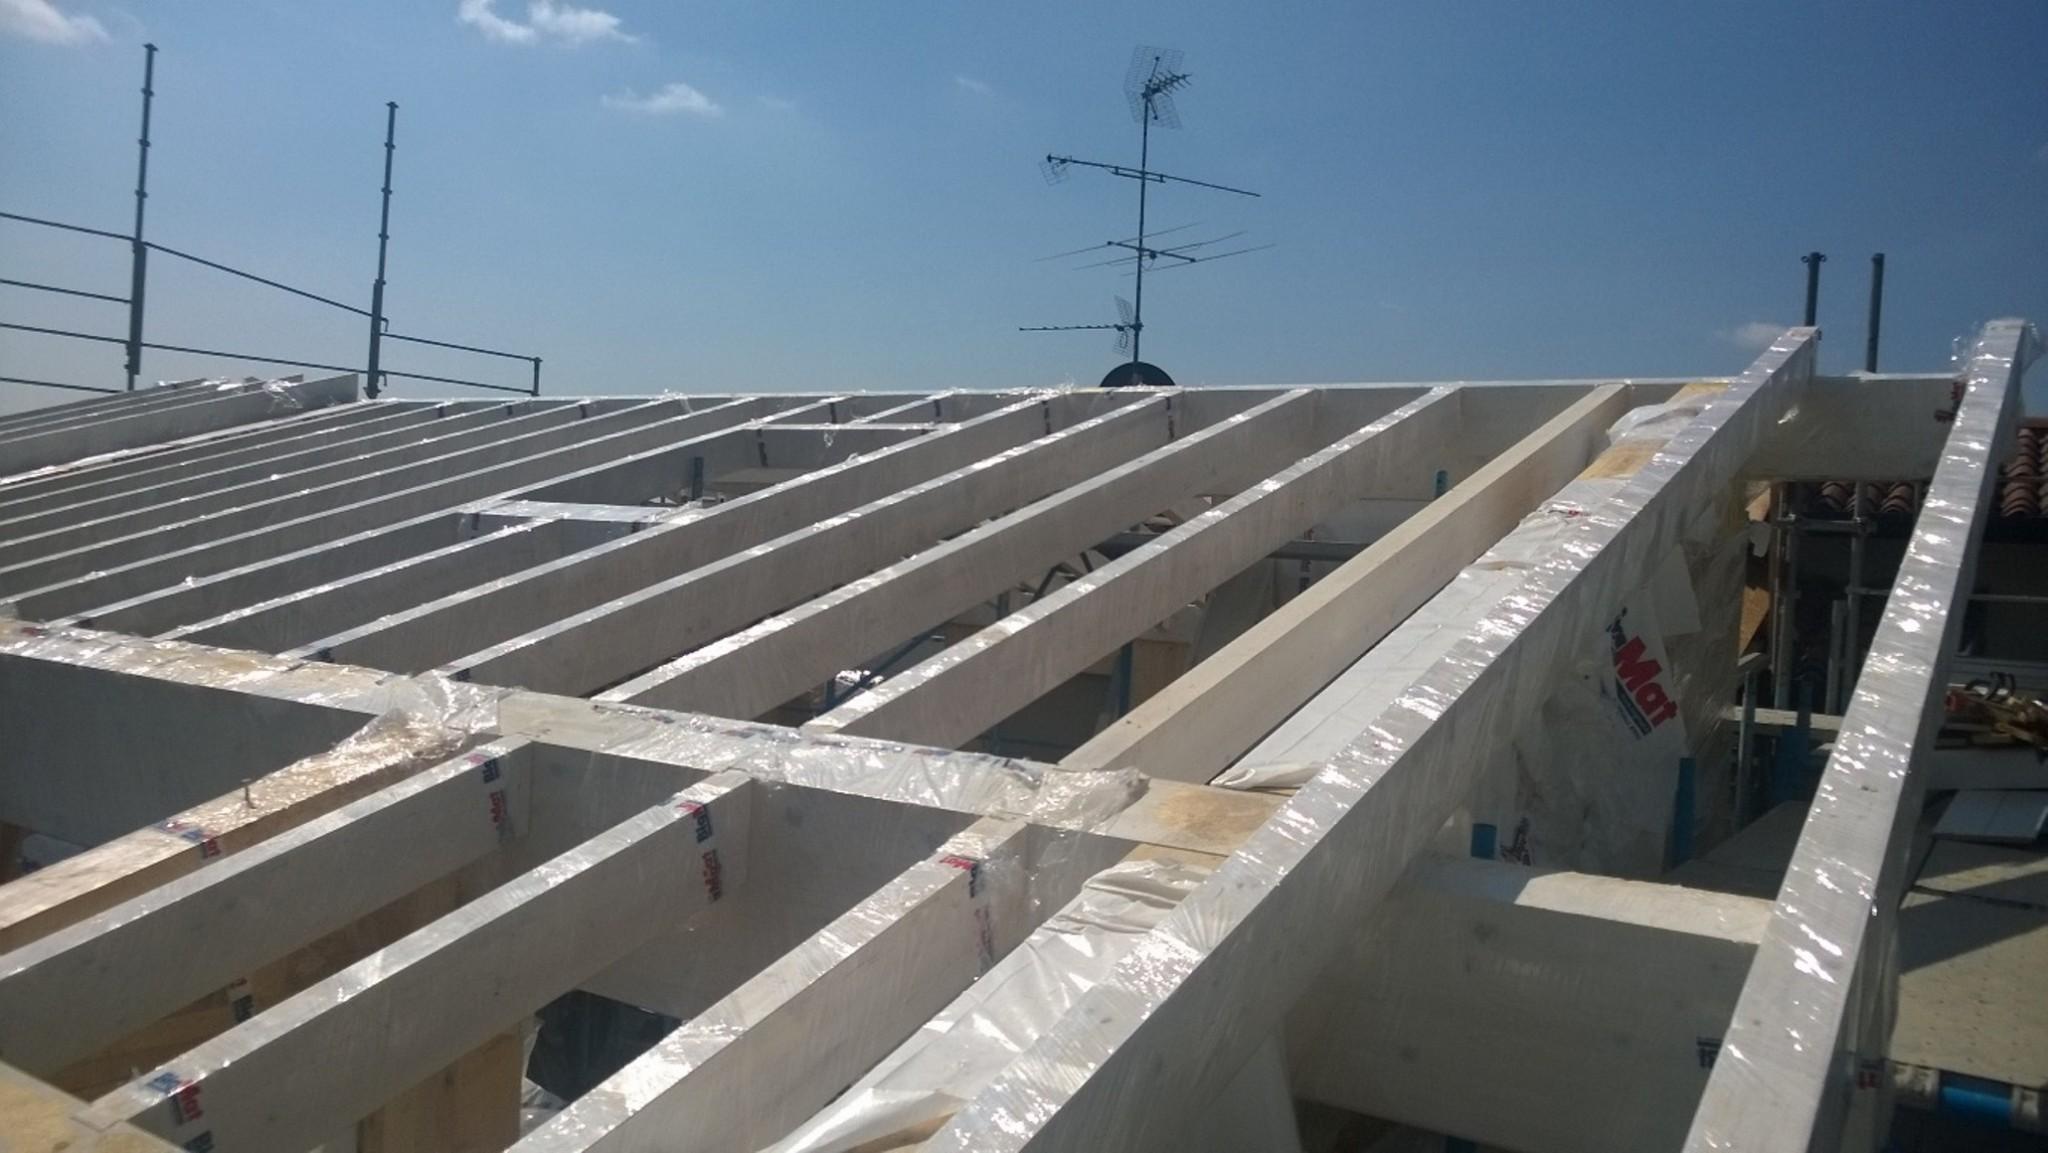 La sopraelevazione in legno di tetto e pareti per ampliare uno